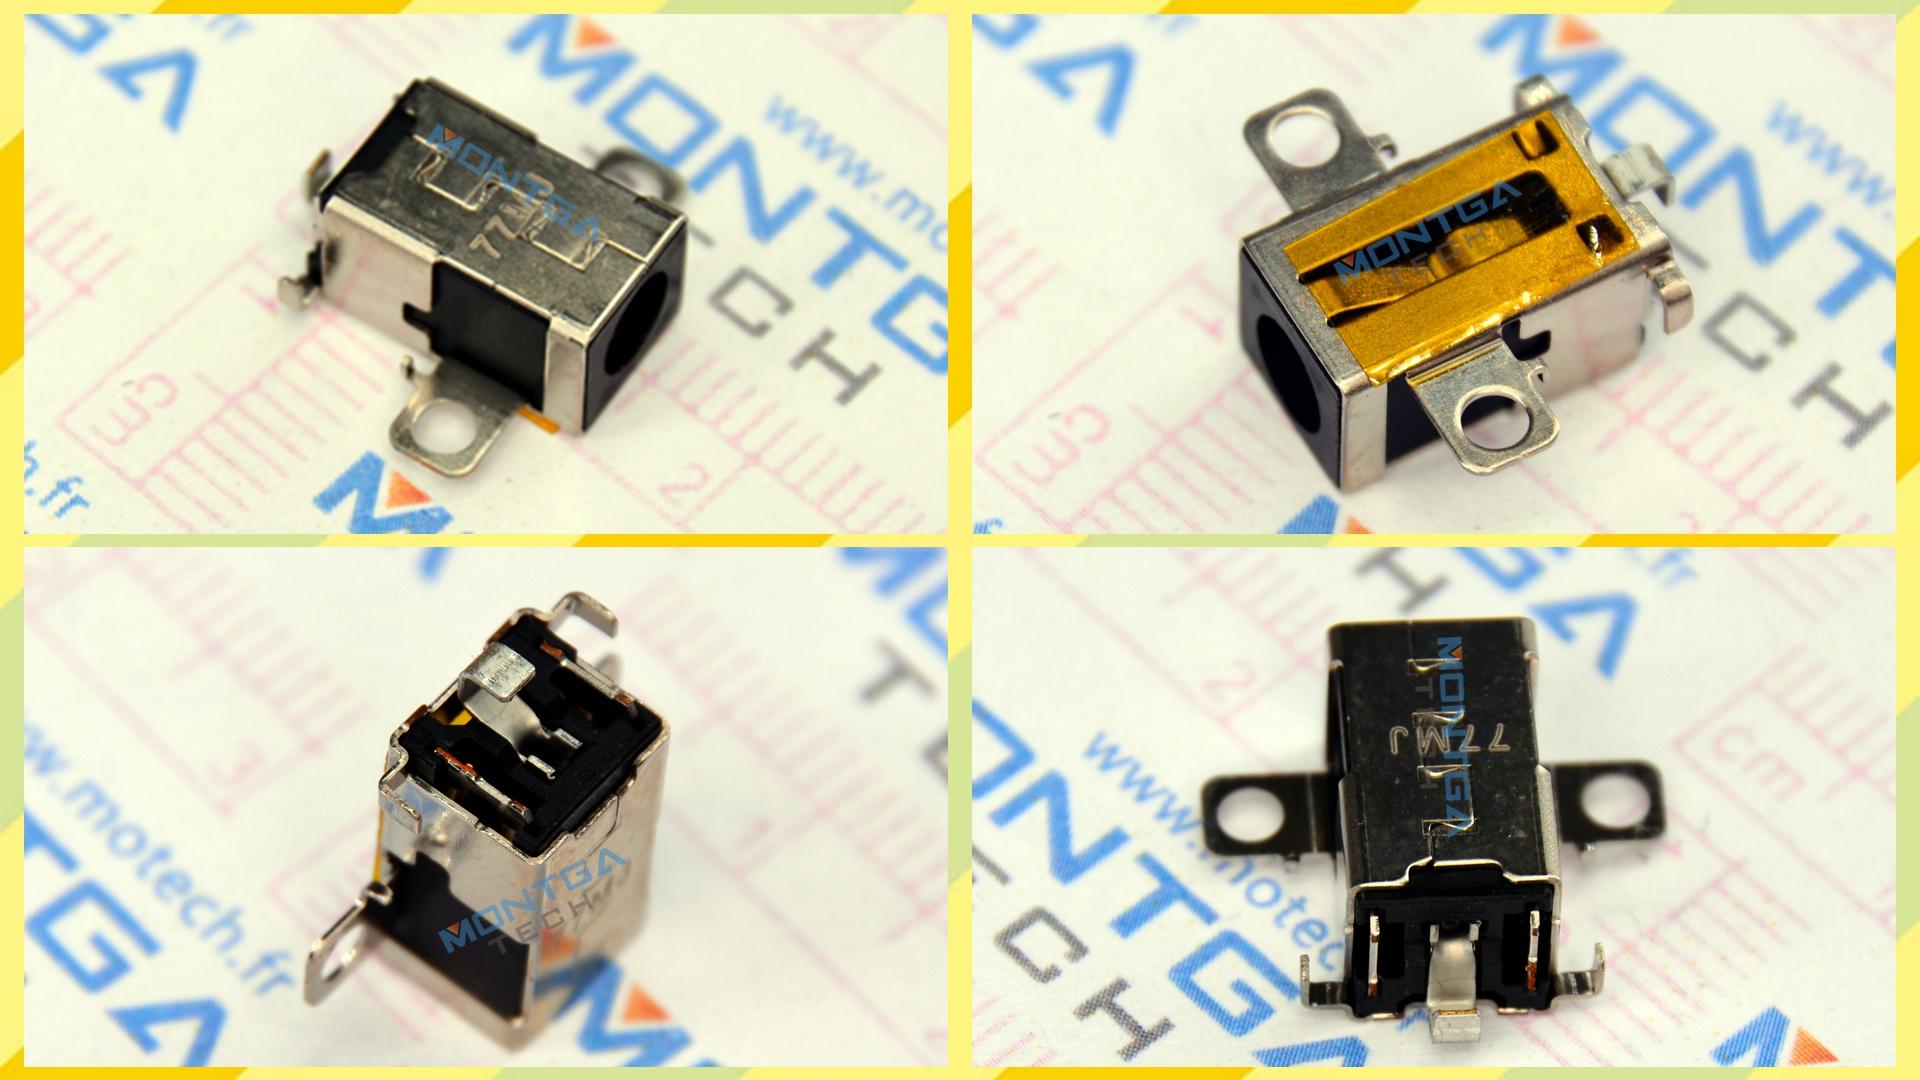 Lenovo 15ADA05 DC Jack, Lenovo 15ADA05 Jack alimentation, Lenovo 15ADA05 Power Jack, Lenovo 15ADA05 Prise Connecteur, Lenovo 15ADA05 Connecteur alimentation, Lenovo 15ADA05 connecteur de charge,